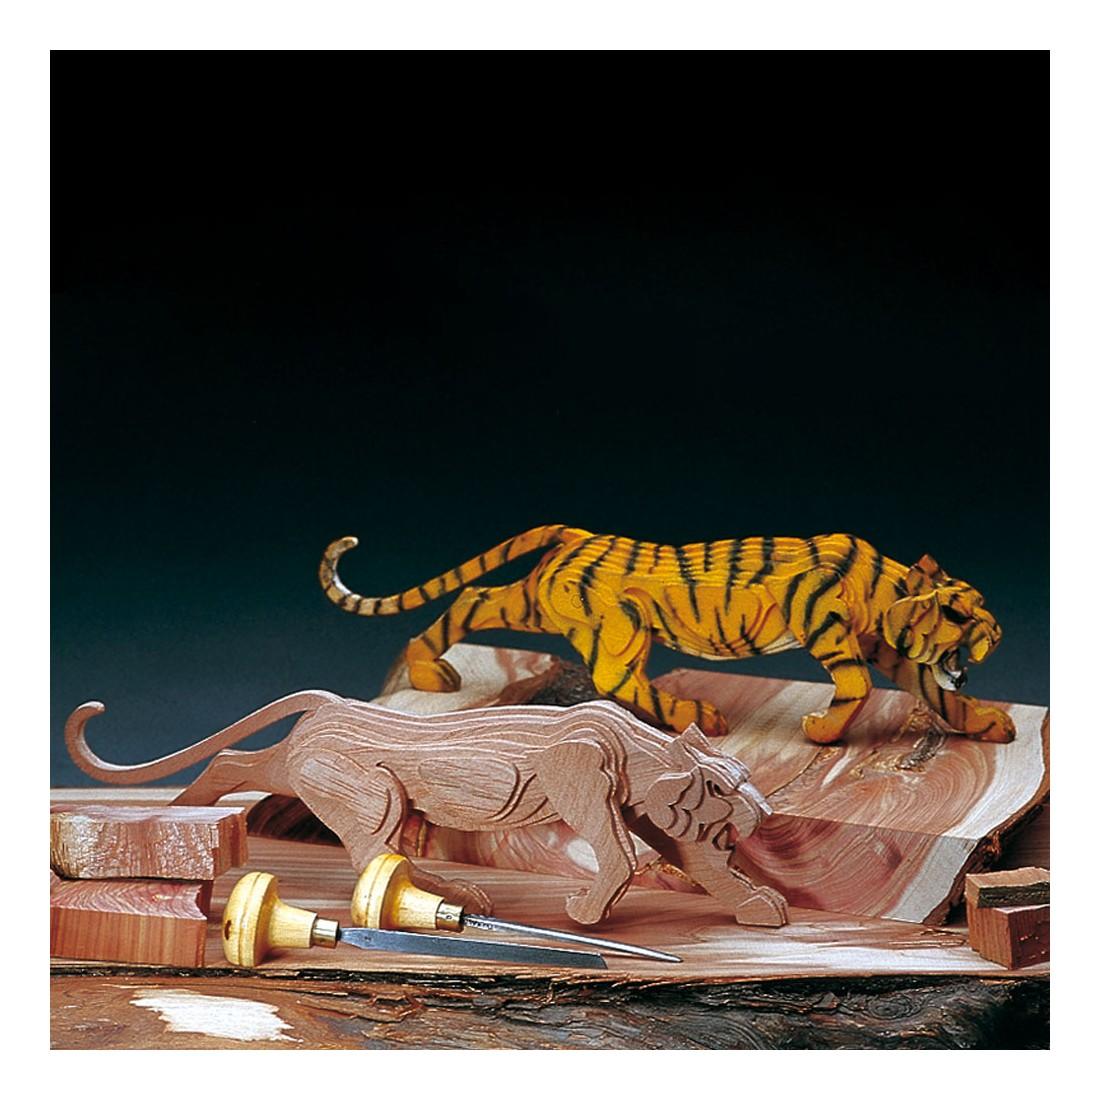 Woodline tiger